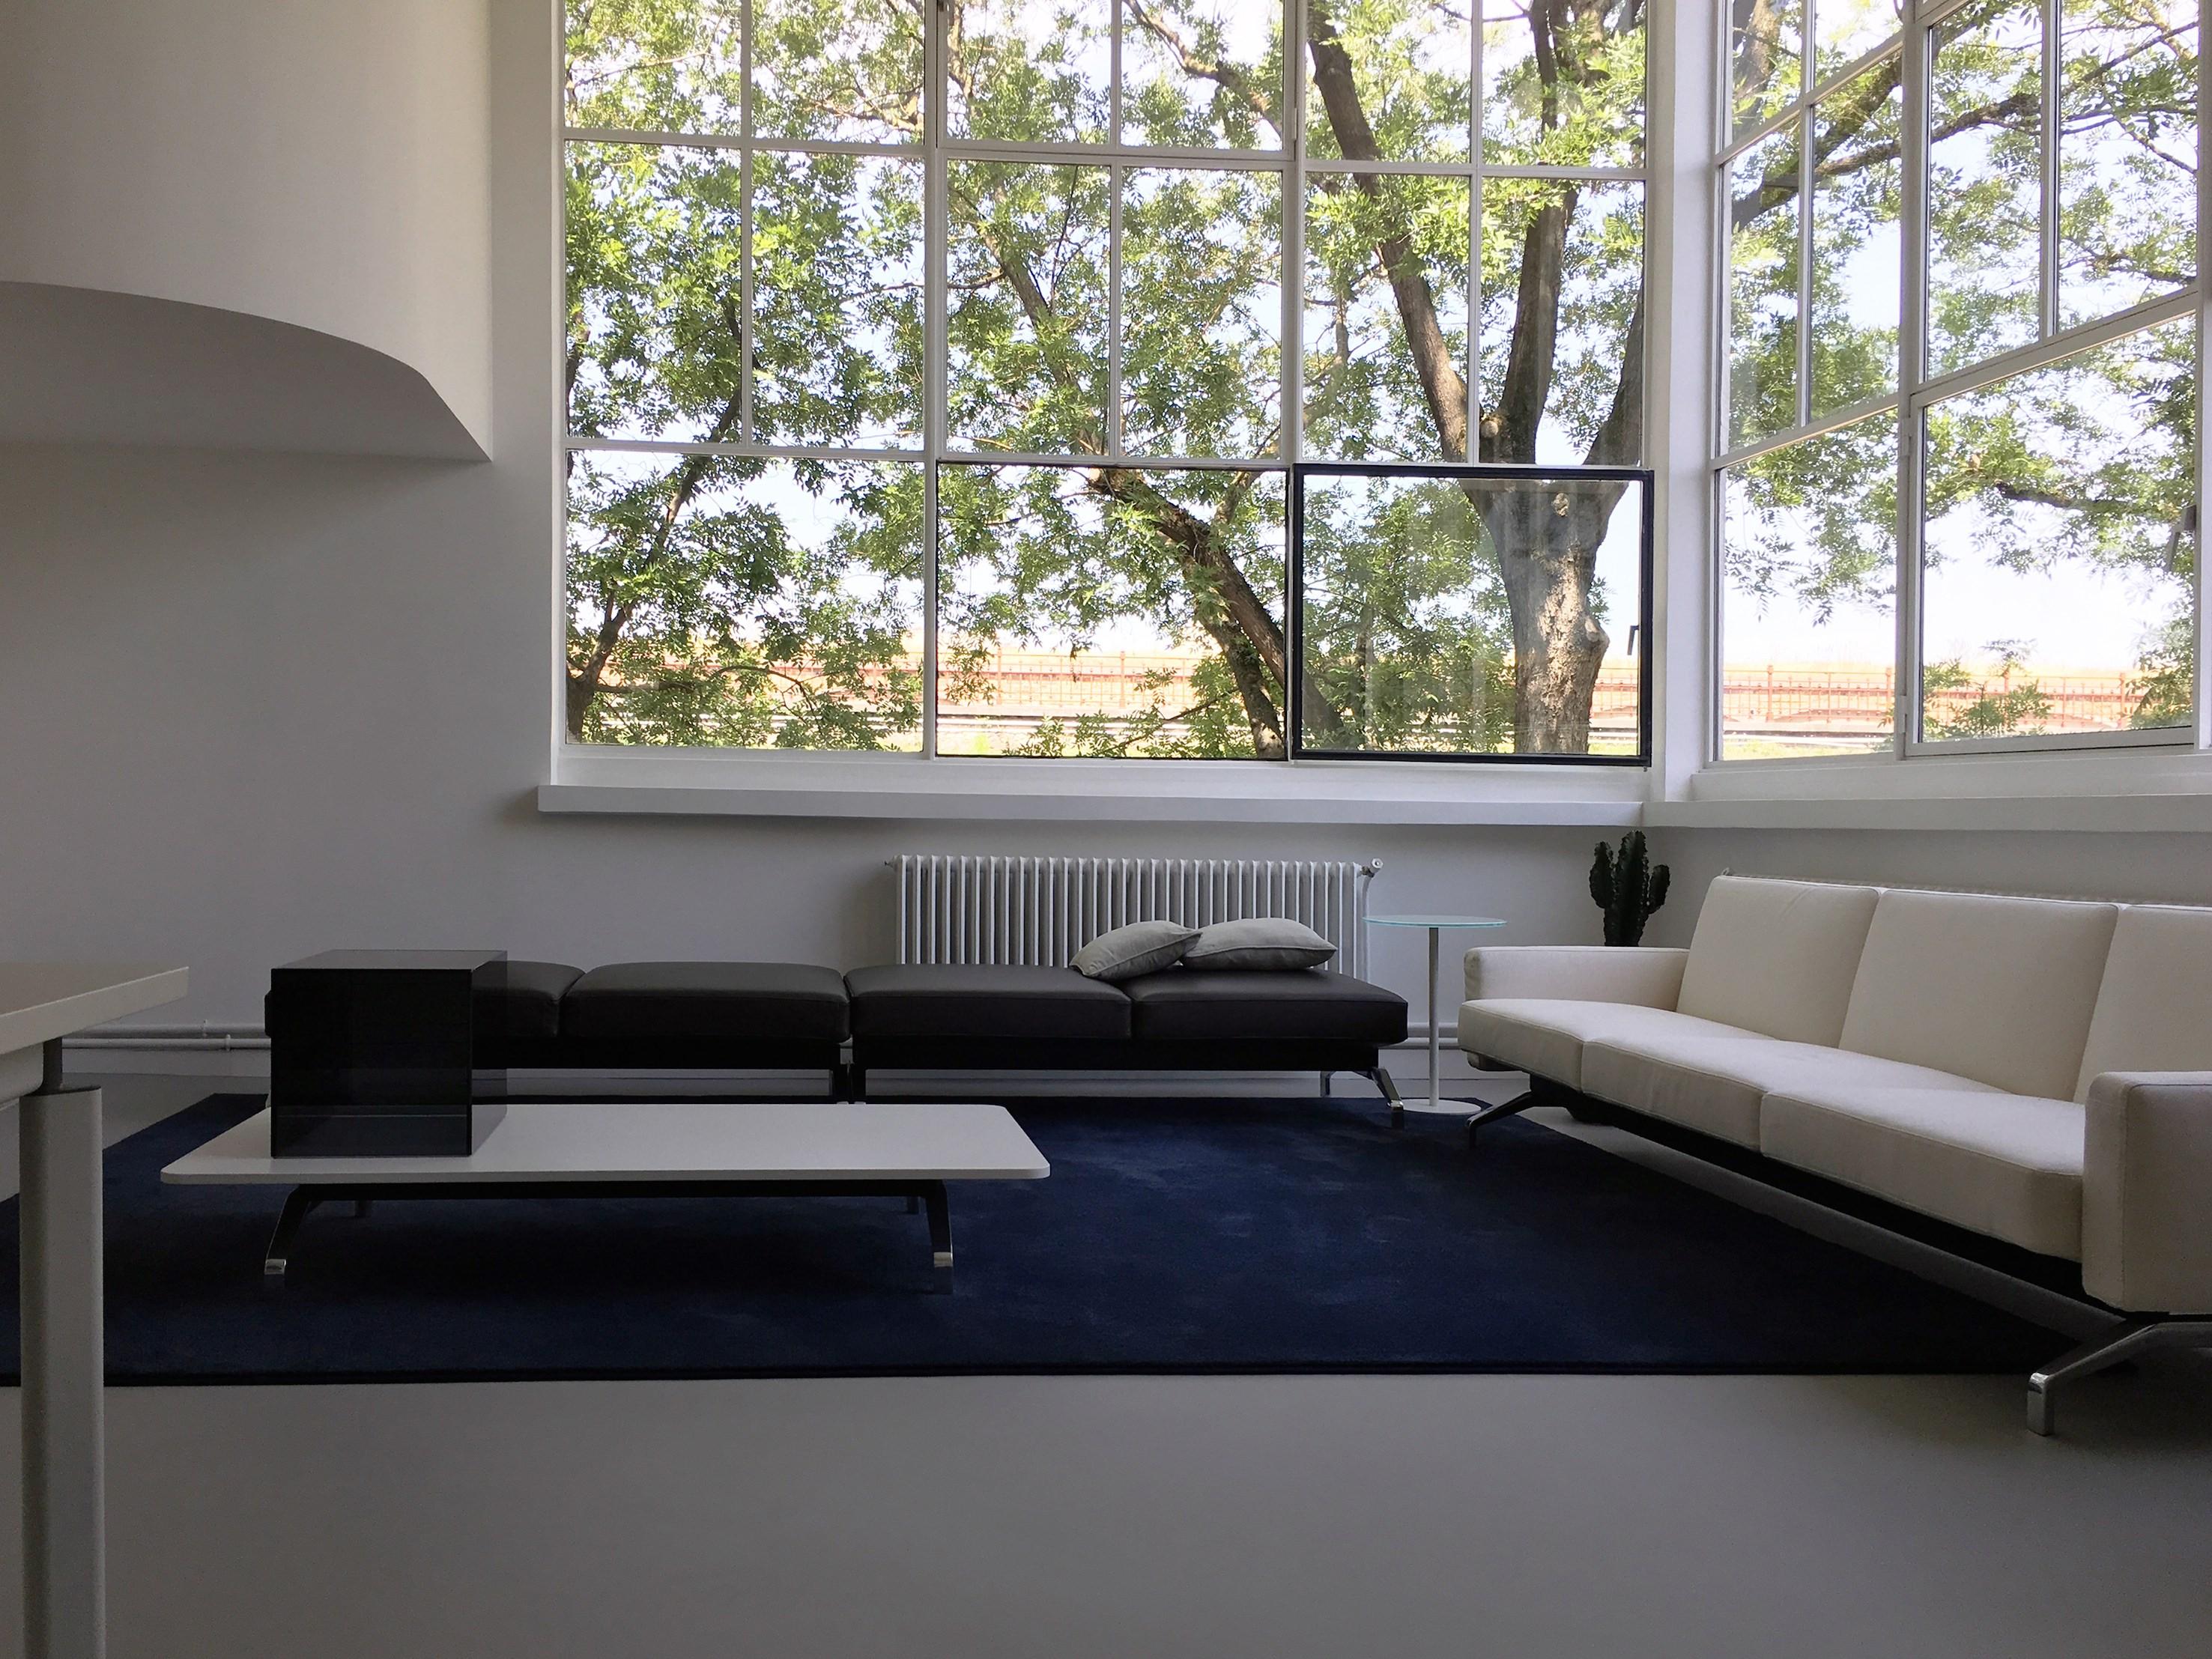 Studio d 39 autore tecno sceglie la casa atelier progettata for Arredi d autore